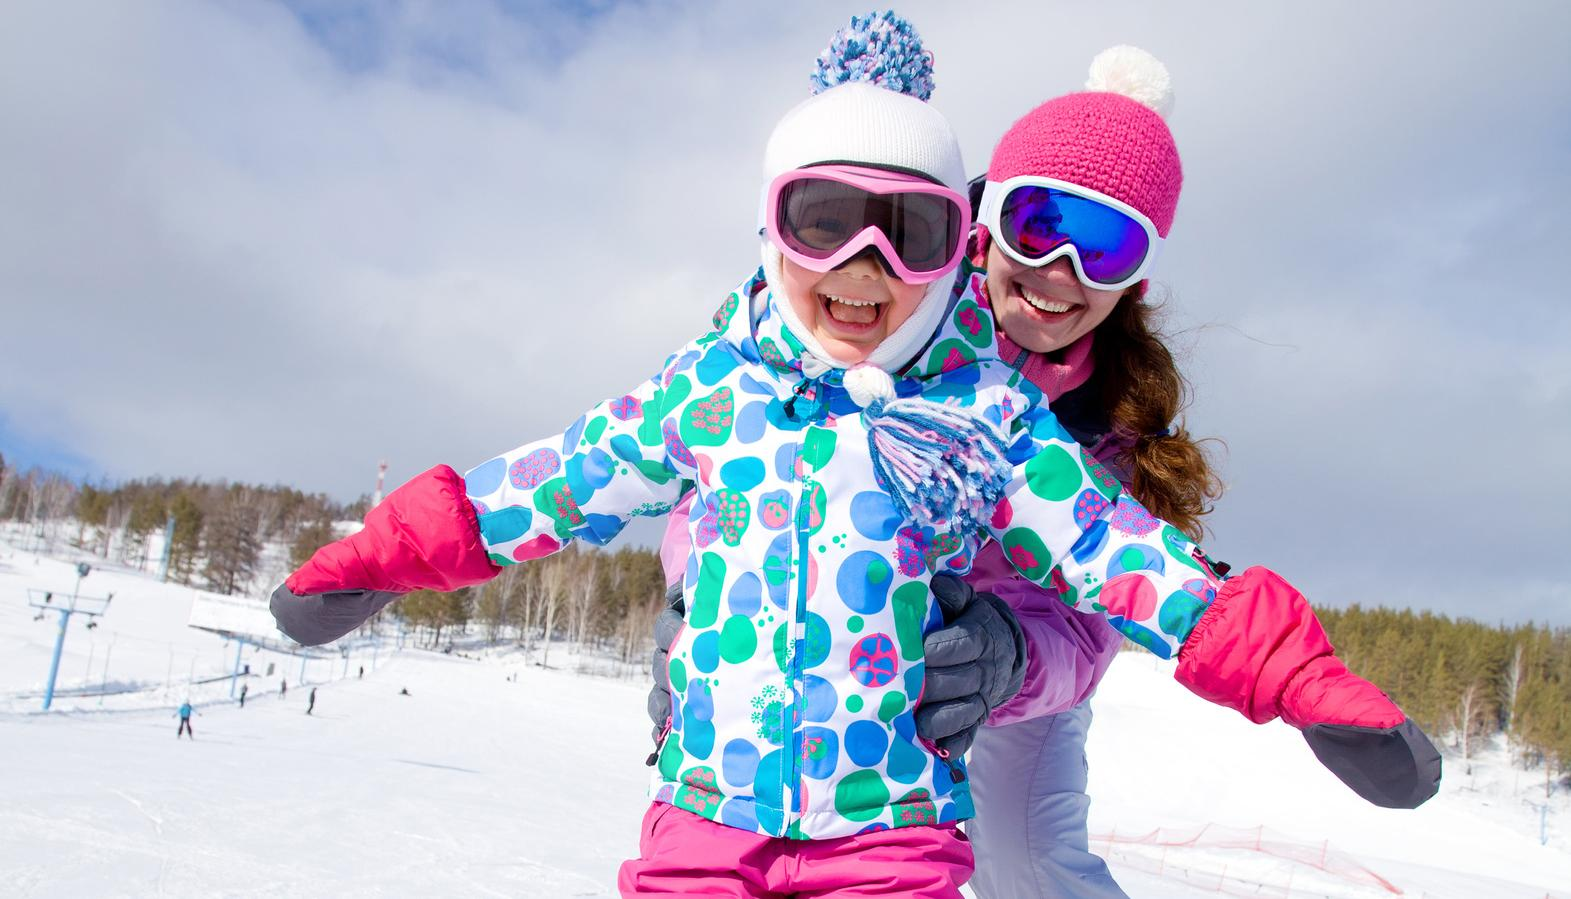 Privé skilessen voor kinderen - vergevorderd